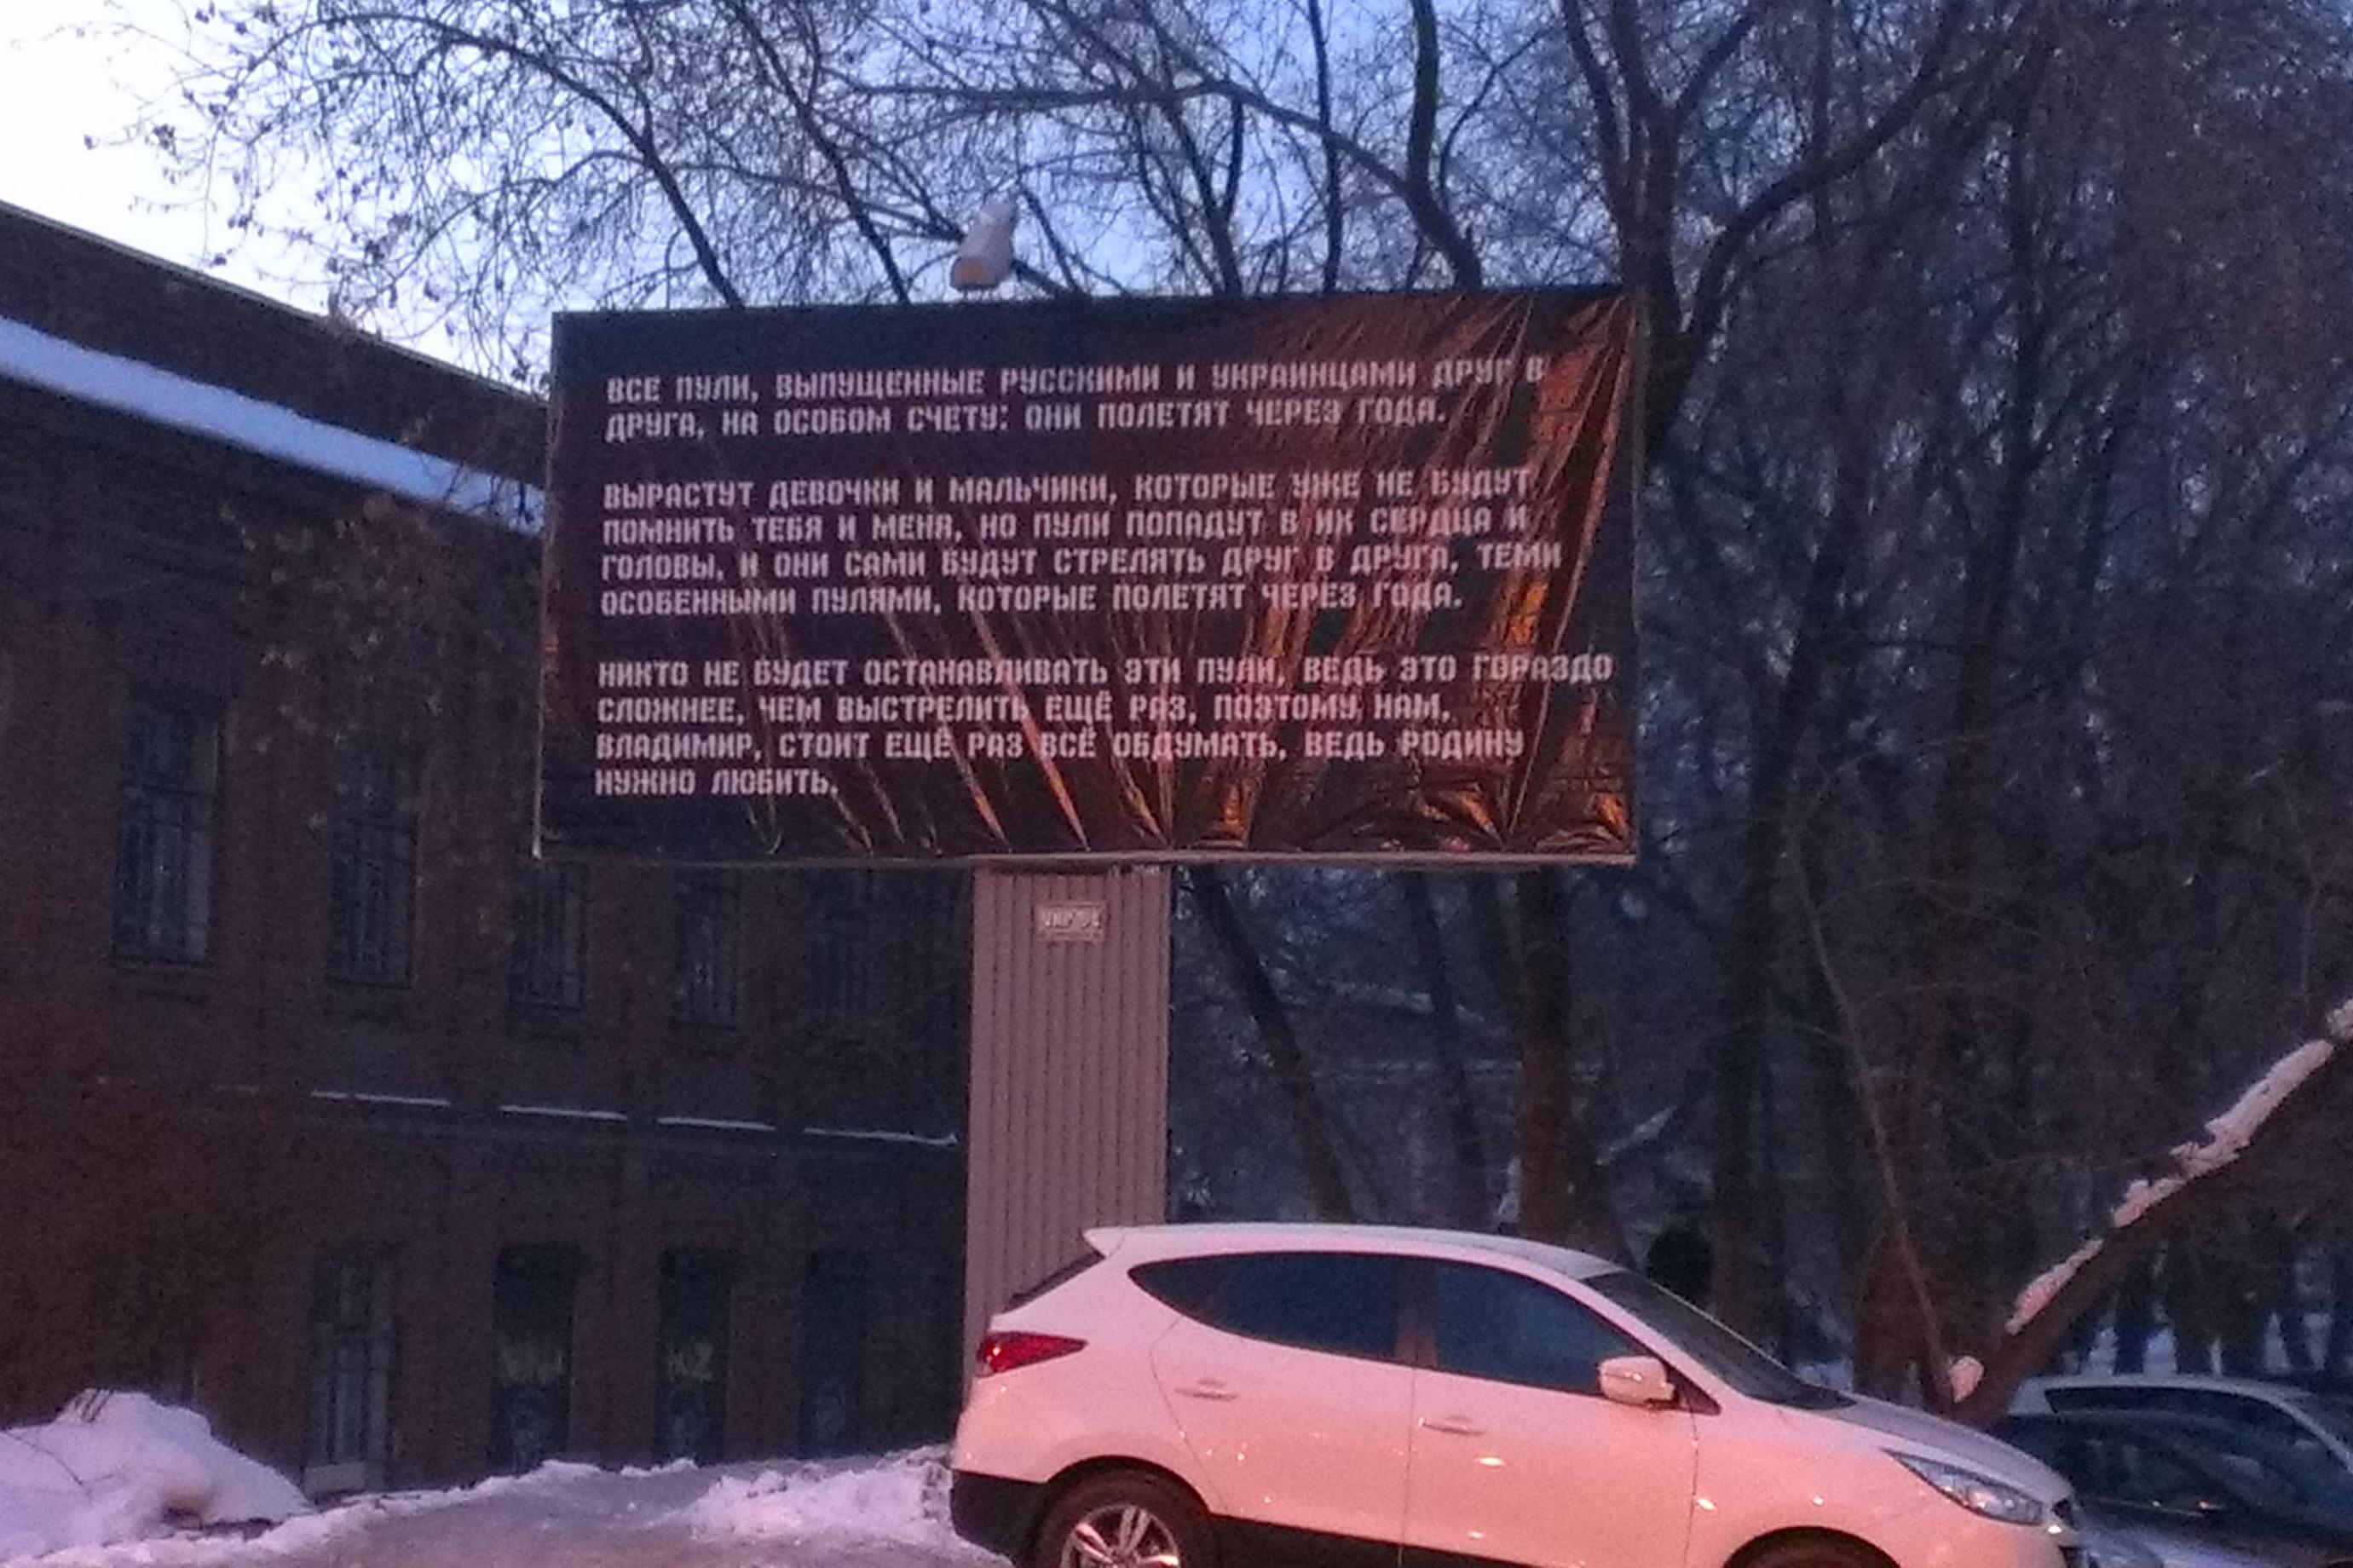 Тимофей Радя оставил возле полпредства записку президенту про Украину